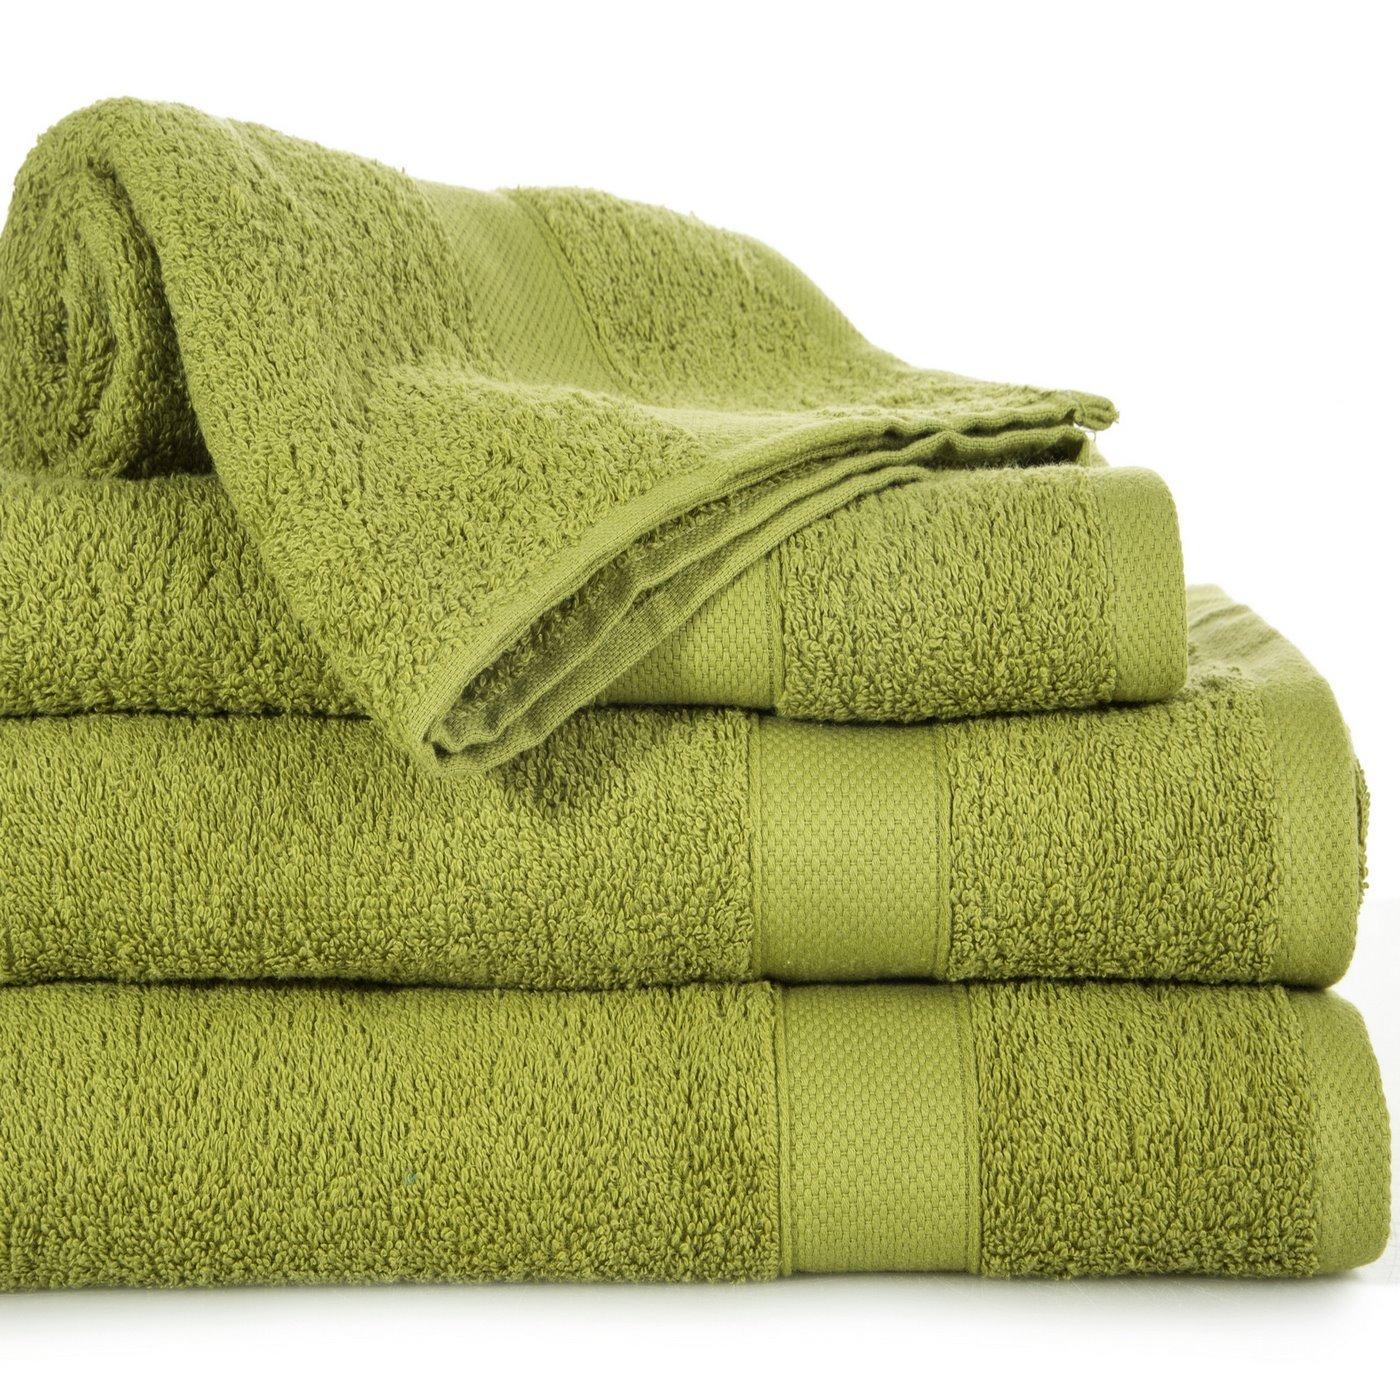 Miękki chłonny ręcznik kąpielowy oliwkowy 70x140